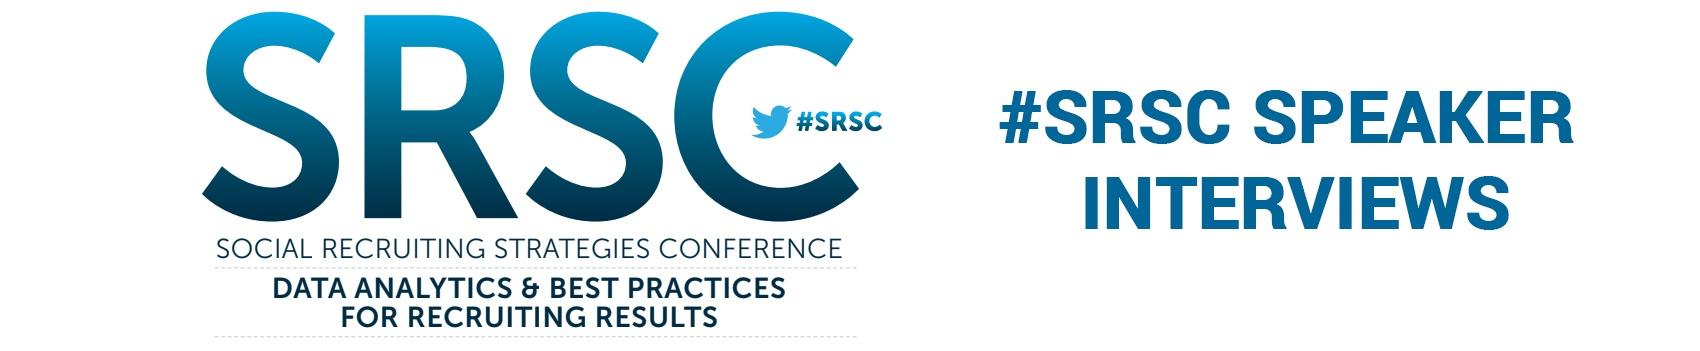 SRSC Speaker Interview Banner.jpg